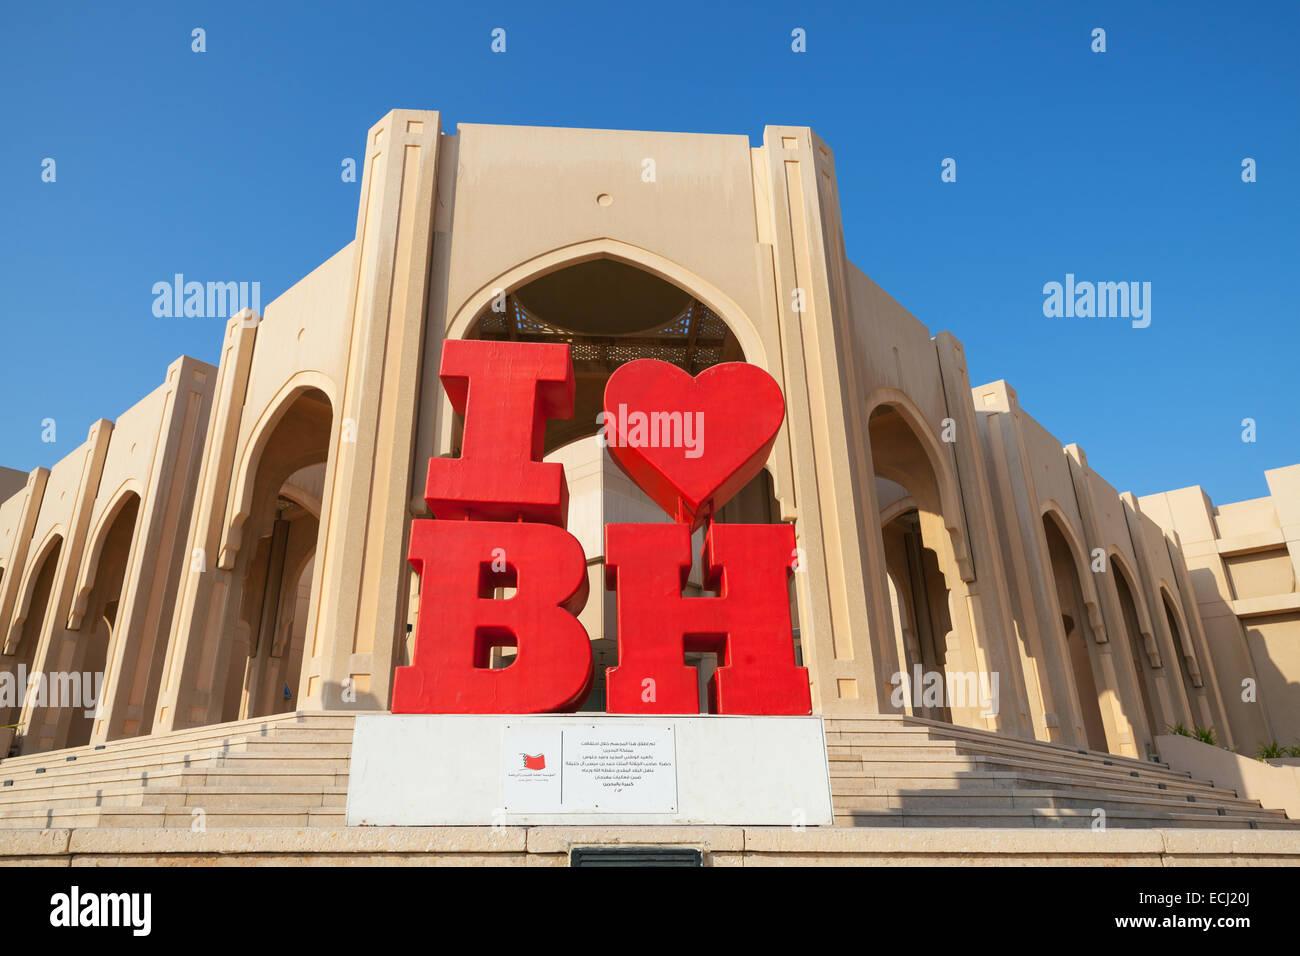 Manama, Bahrein - Noviembre 21, 2014: construcción turística rojo con texto me encanta Bahrein está Imagen De Stock